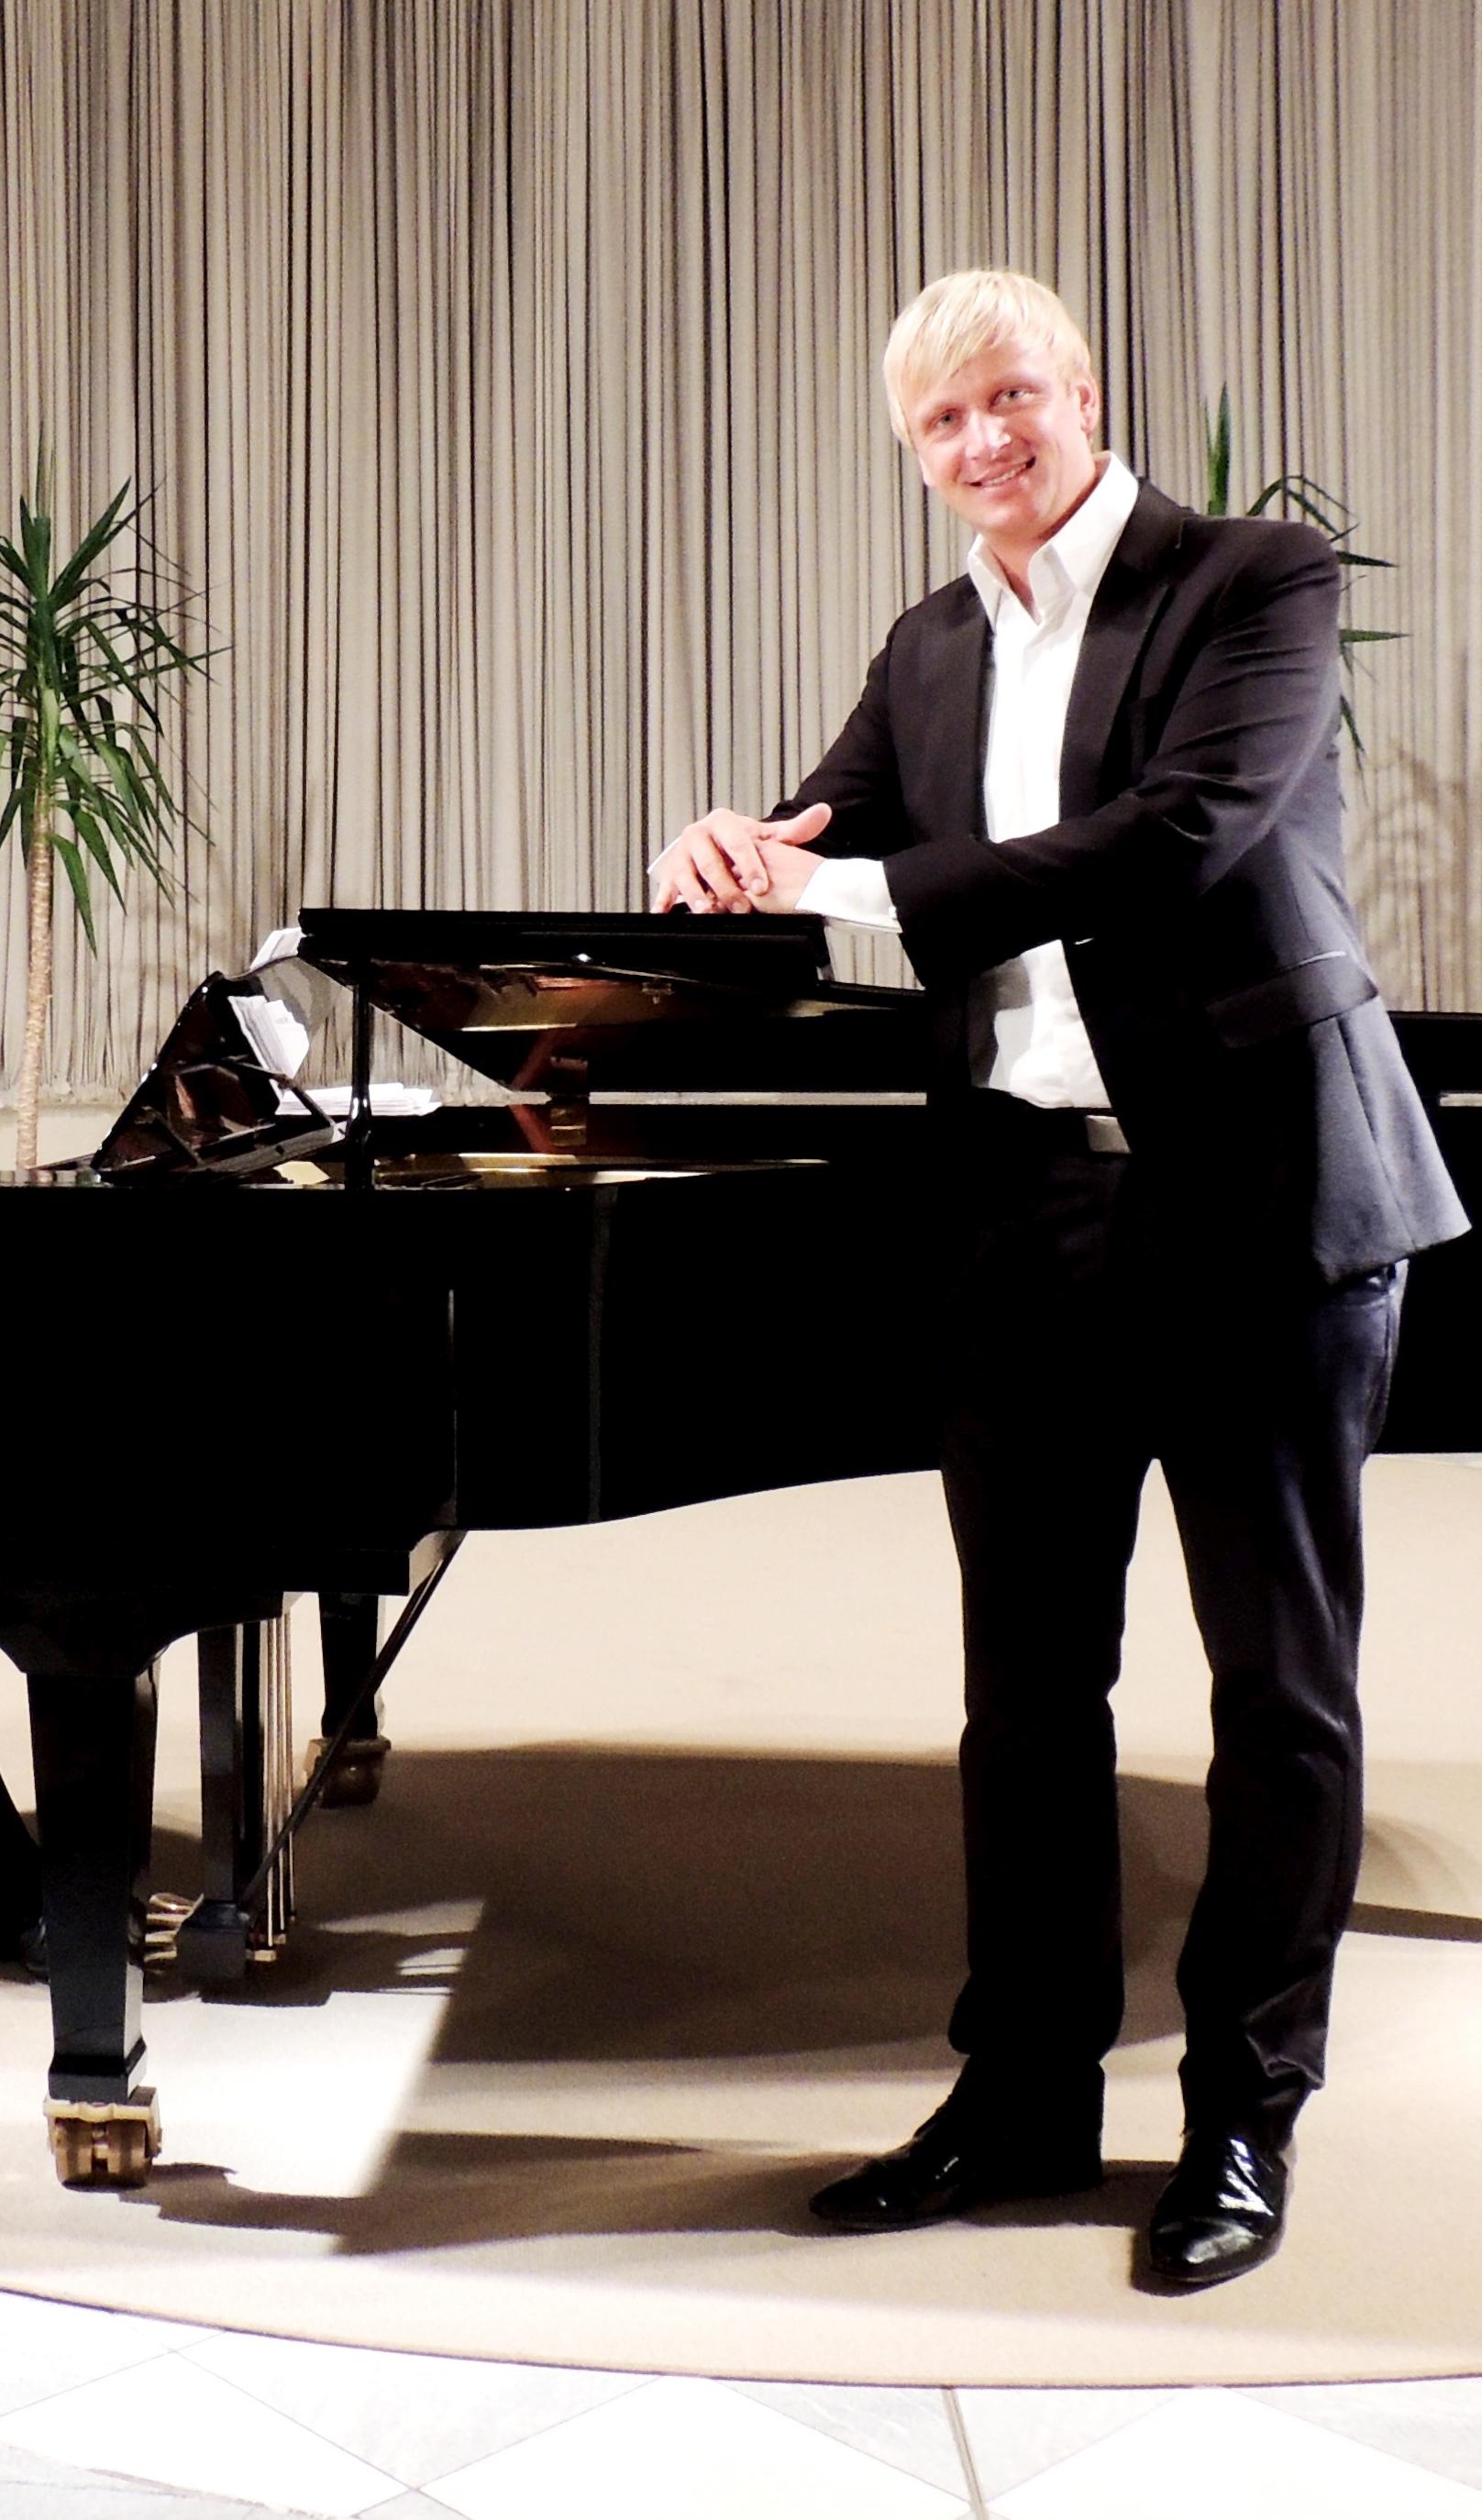 Andreas Mattersberger